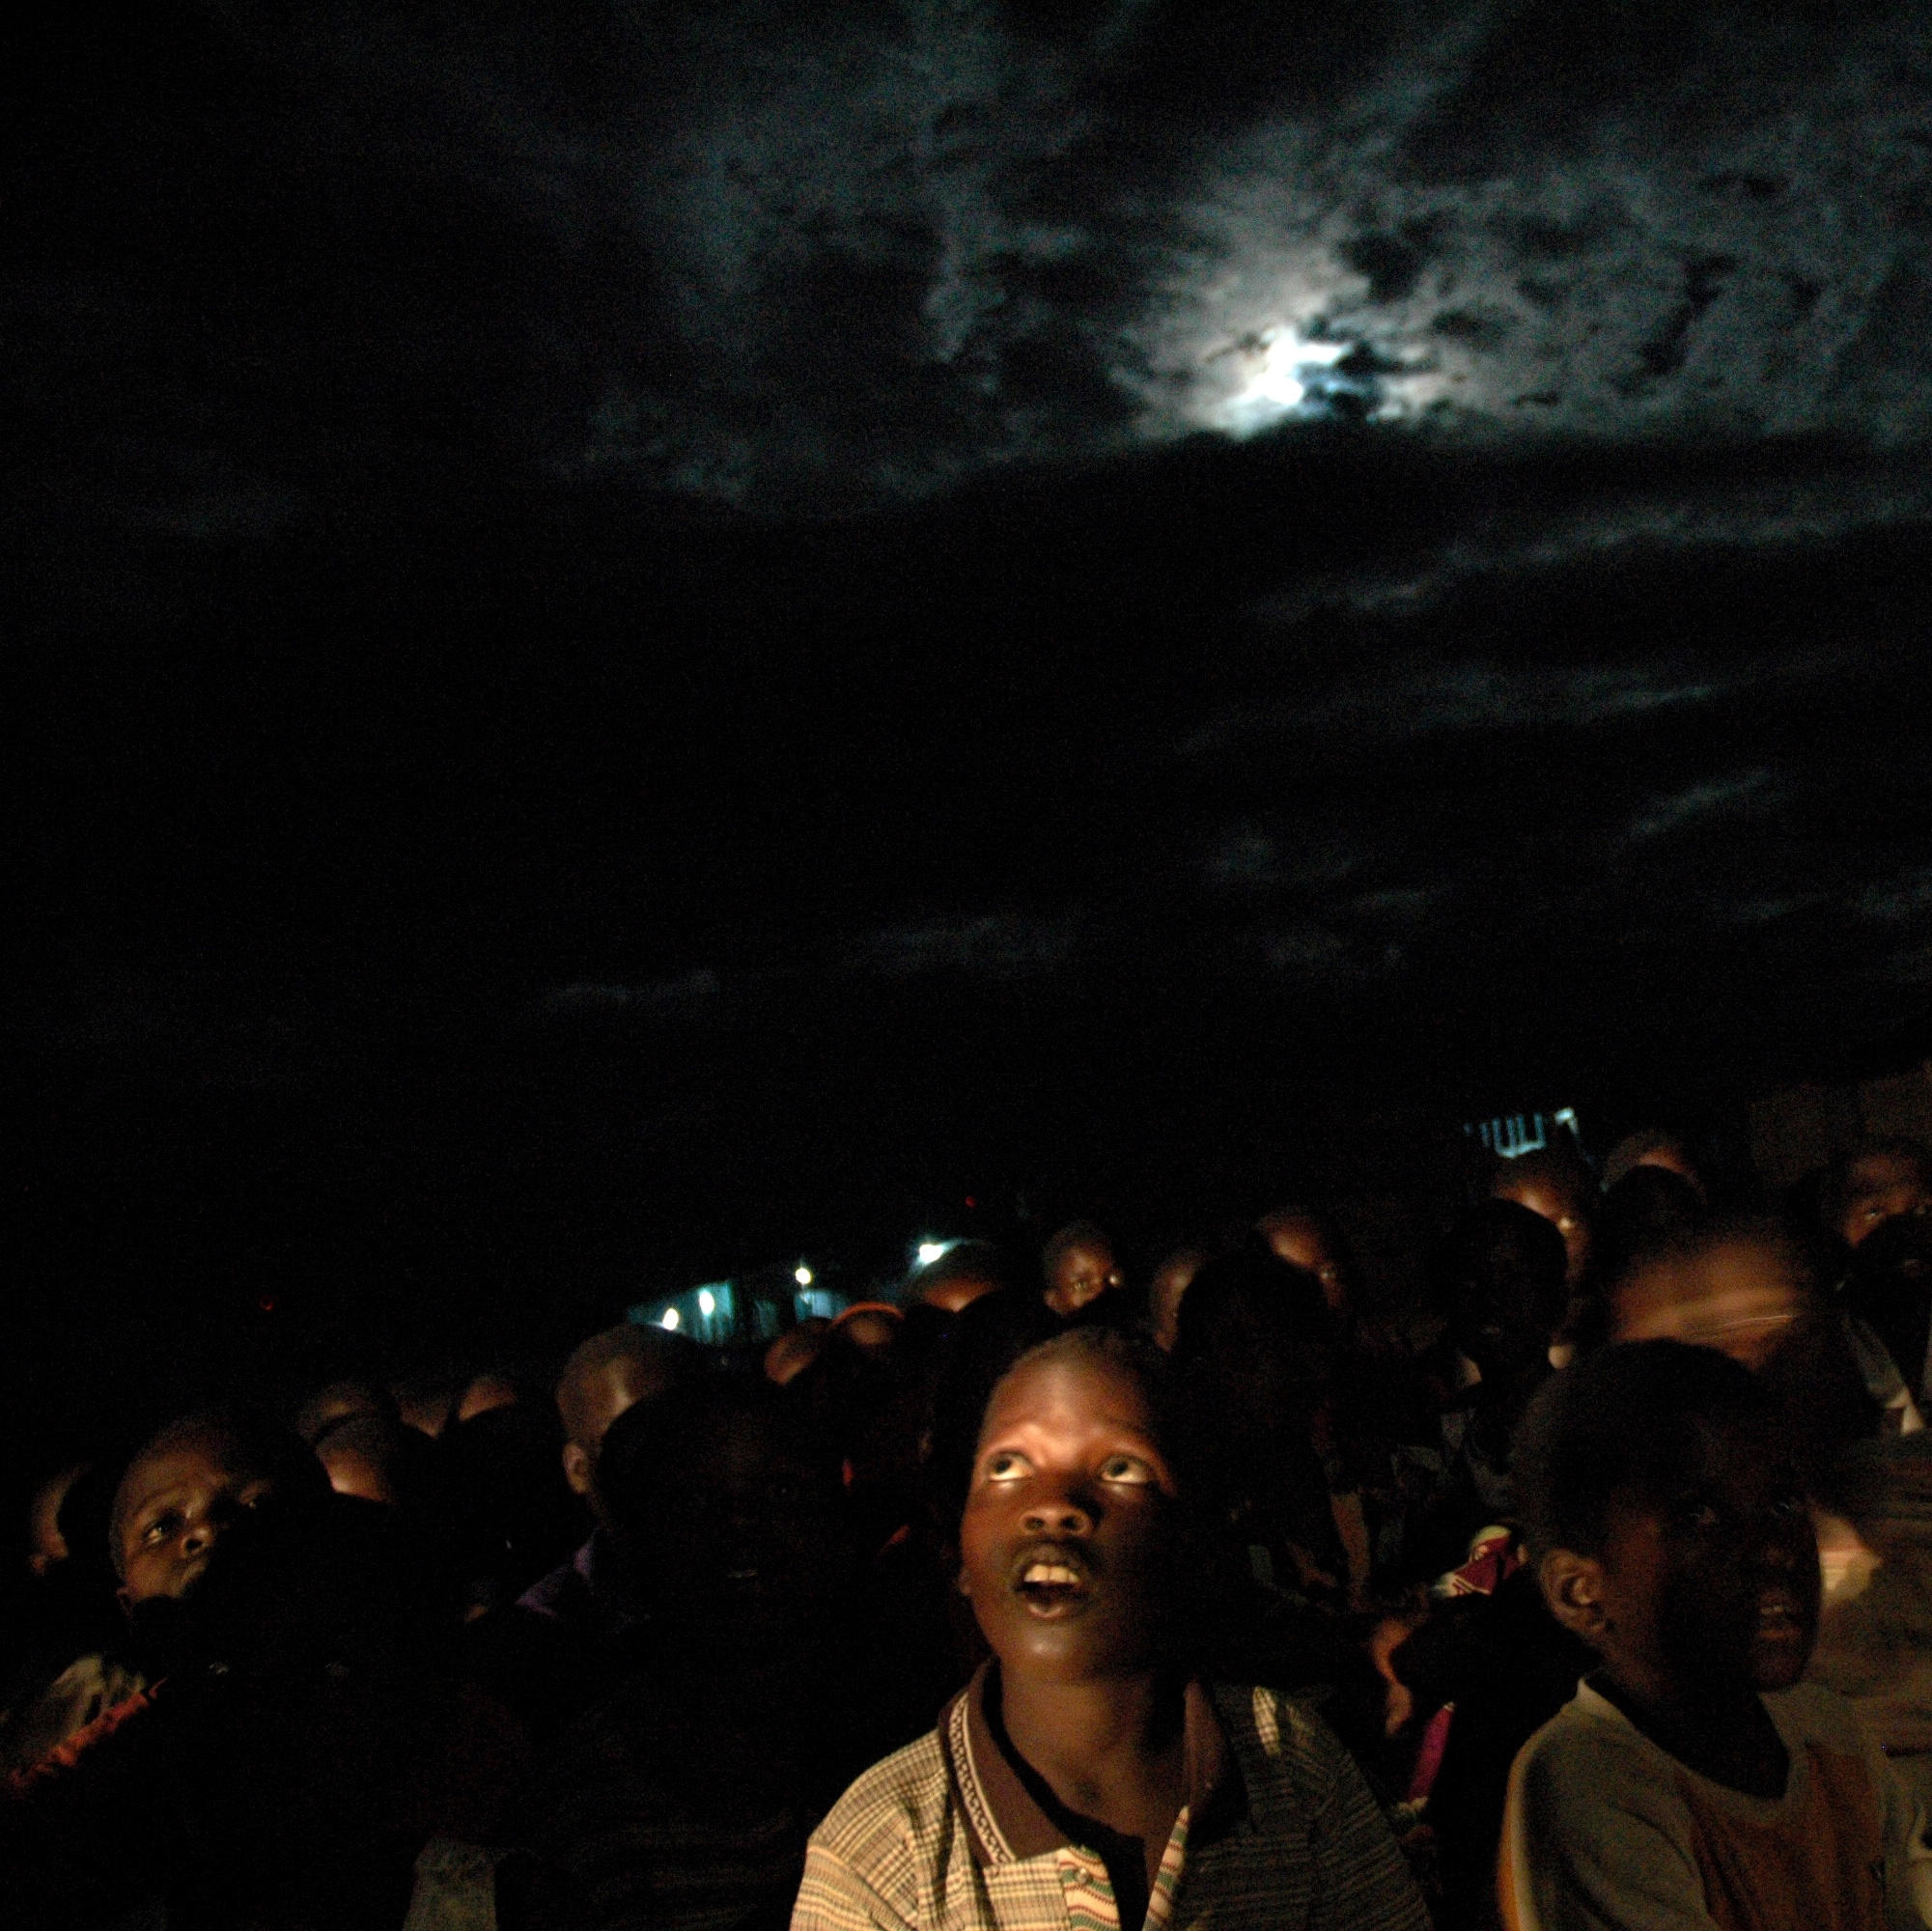 GUILLAUME BONN Nairobi, Kenya  guillaumebonn.com   @guillaumebonn